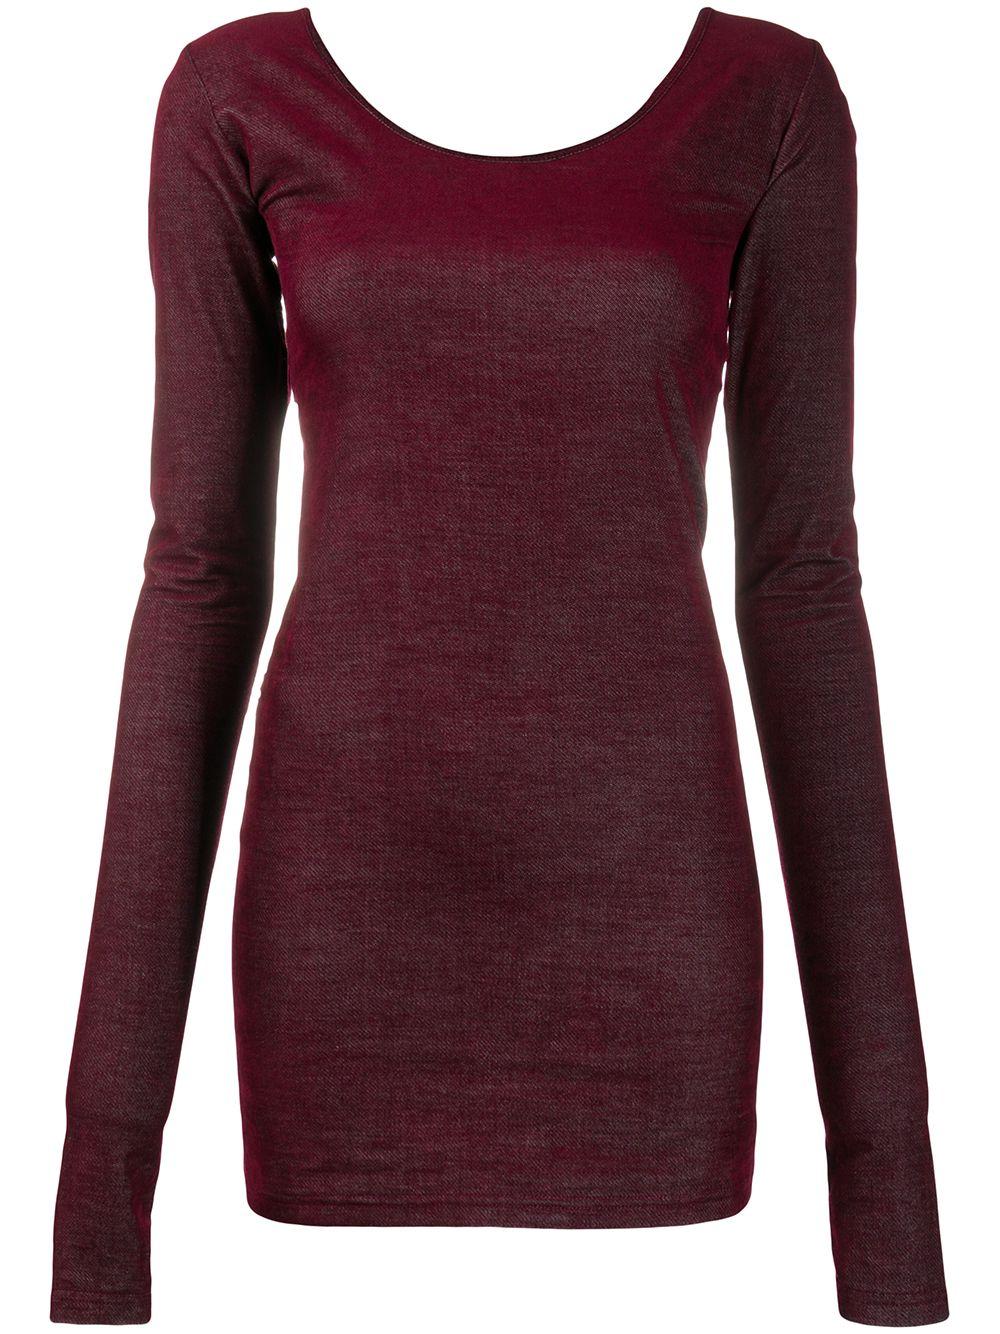 ANN DEMEULEMEESTER | Dress | 2002-2474-172037